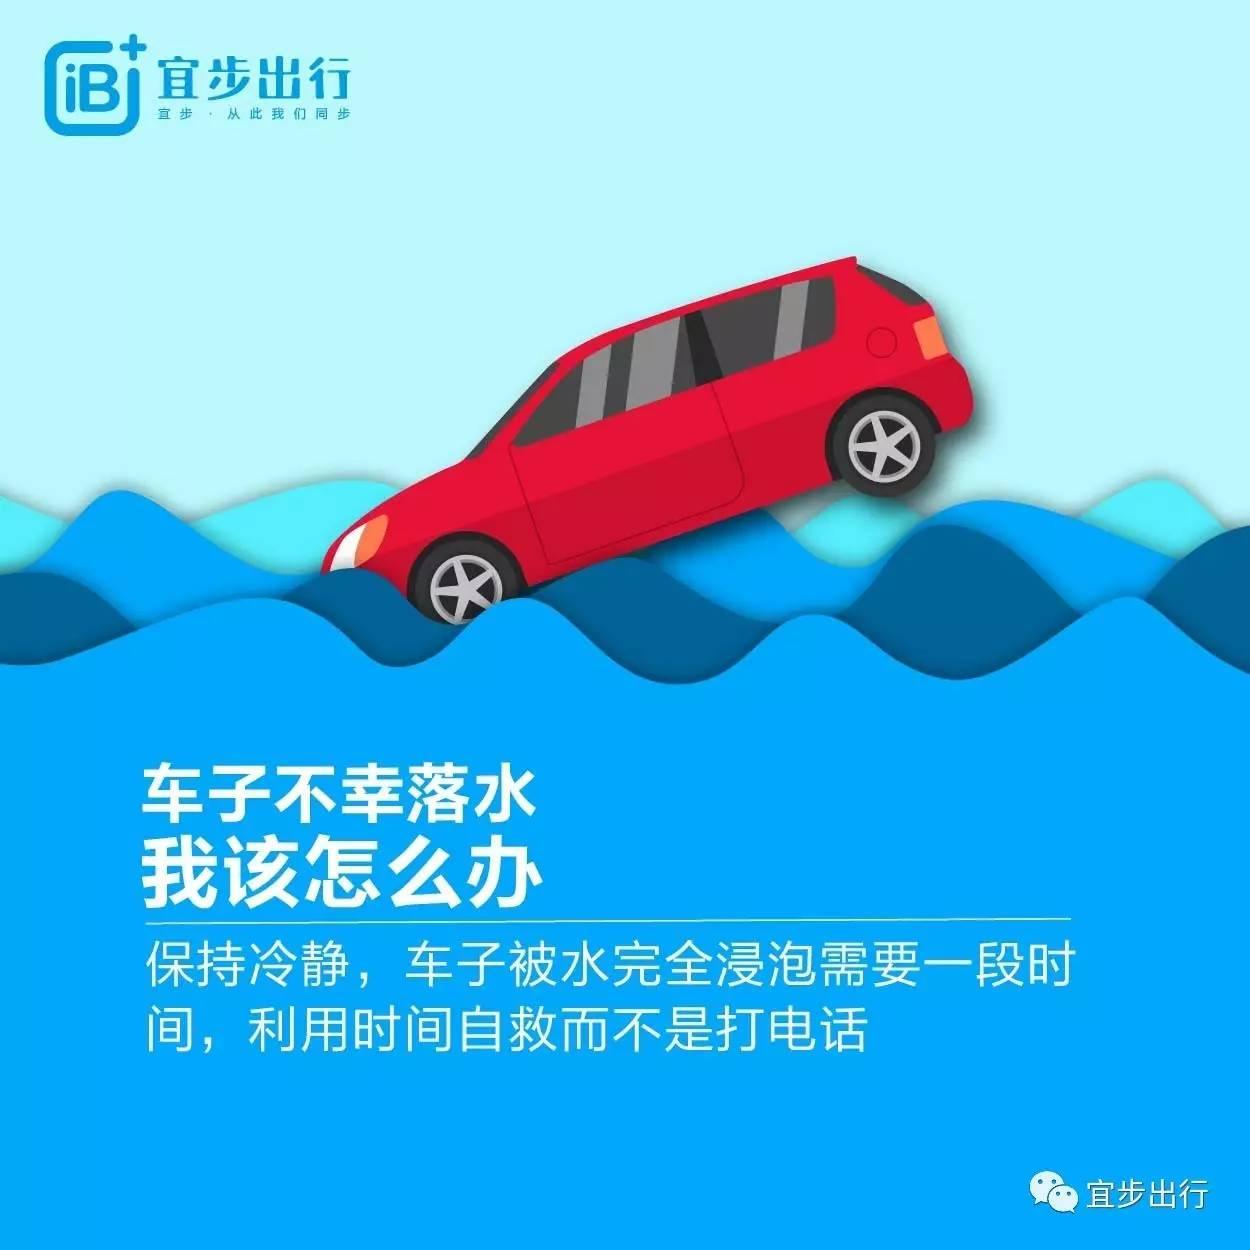 暴雨天,如果汽车不幸落水该怎么办?